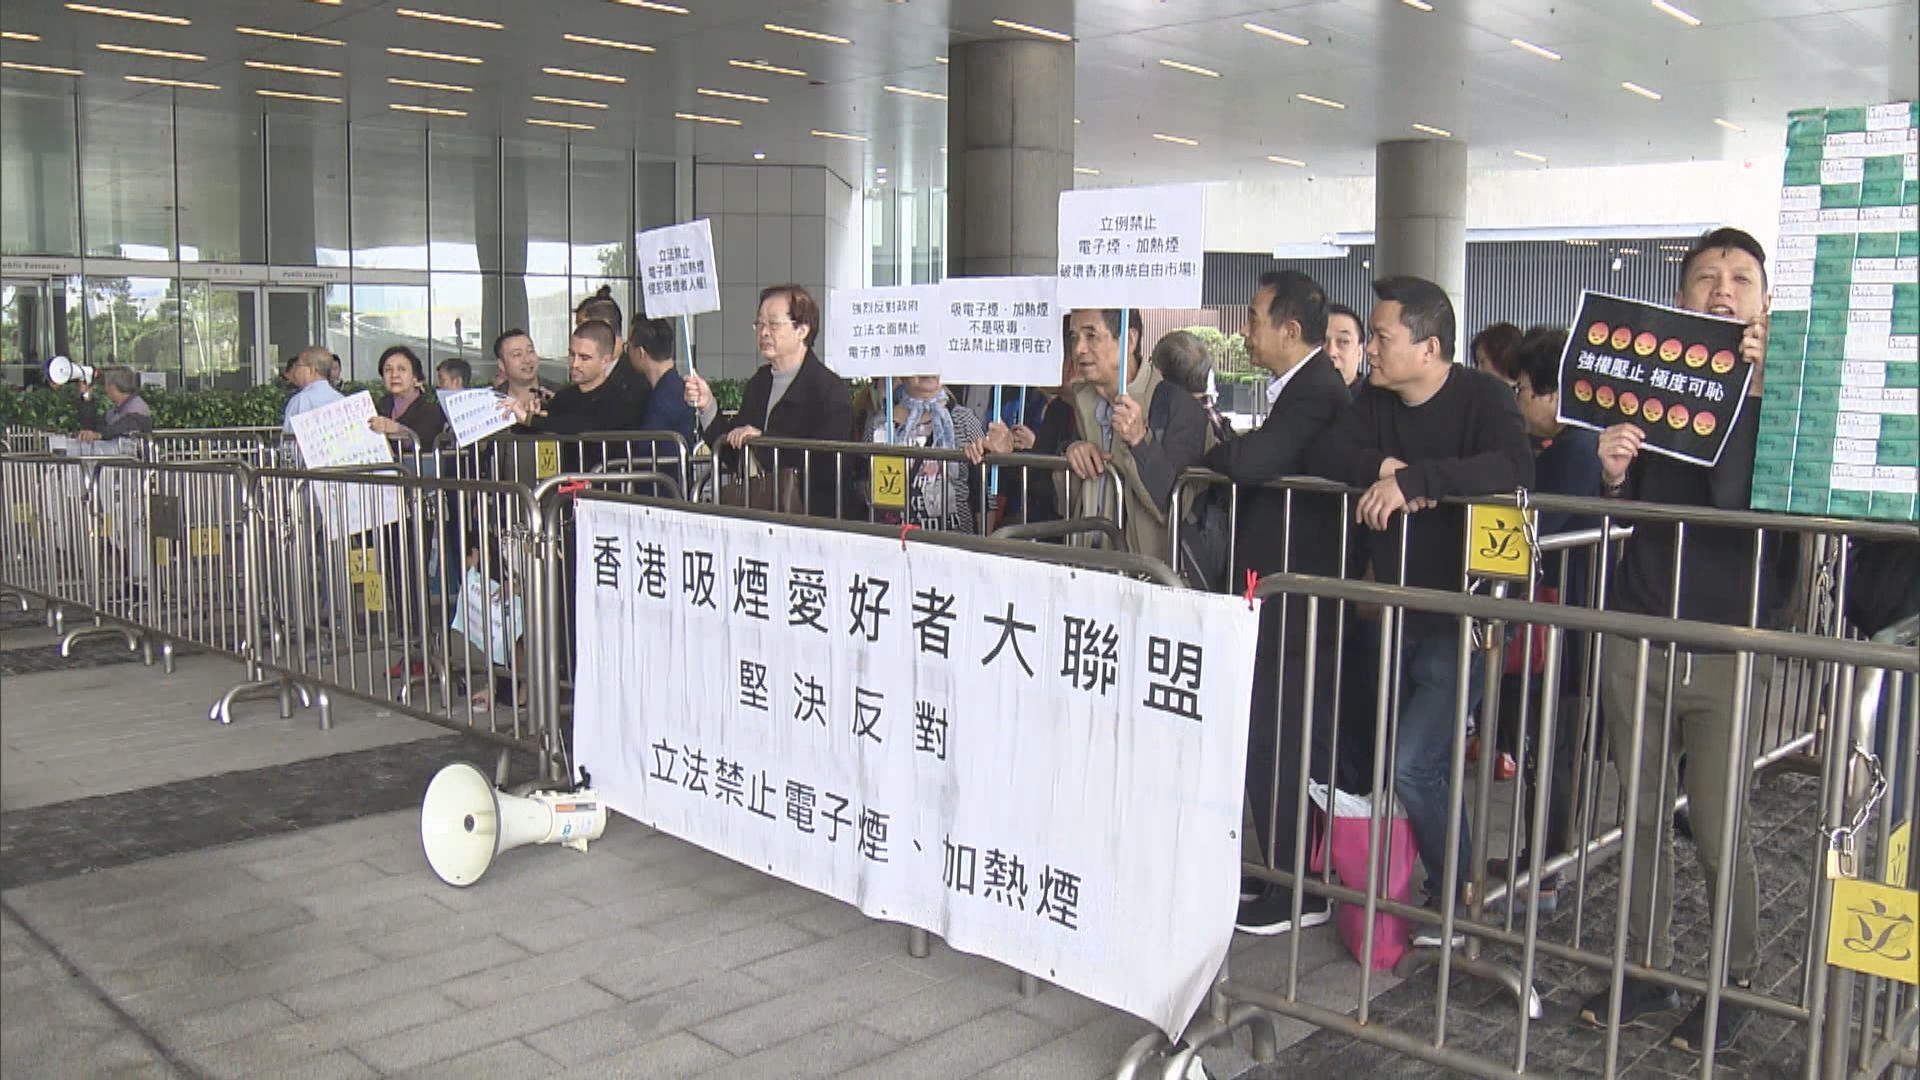 禁電子煙修例今首讀 團體示威反對